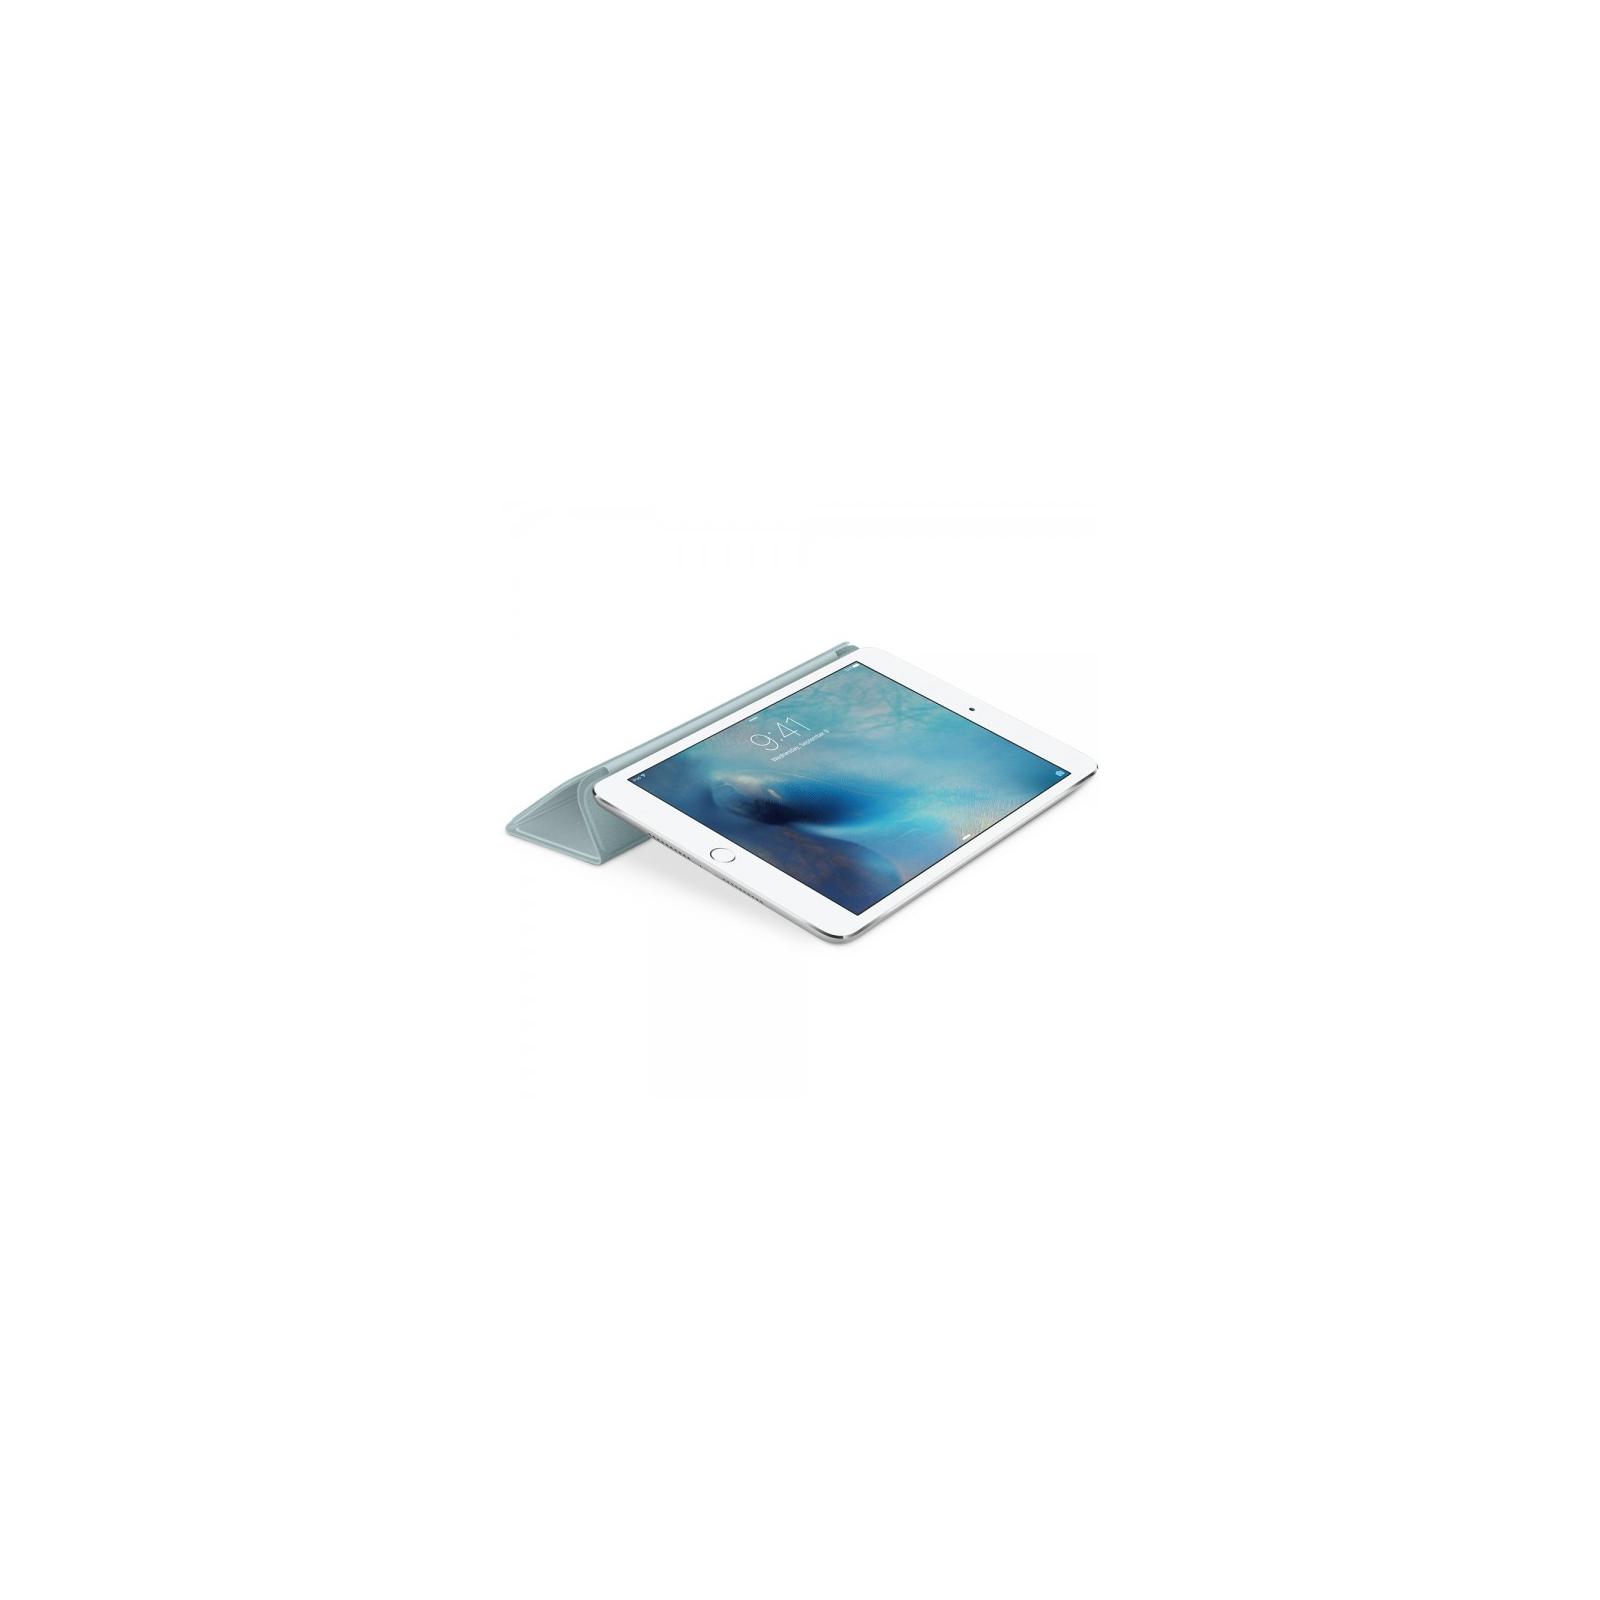 Чехол для планшета Apple Smart Cover для iPad mini 4 Turquoise (MKM52ZM/A) изображение 4